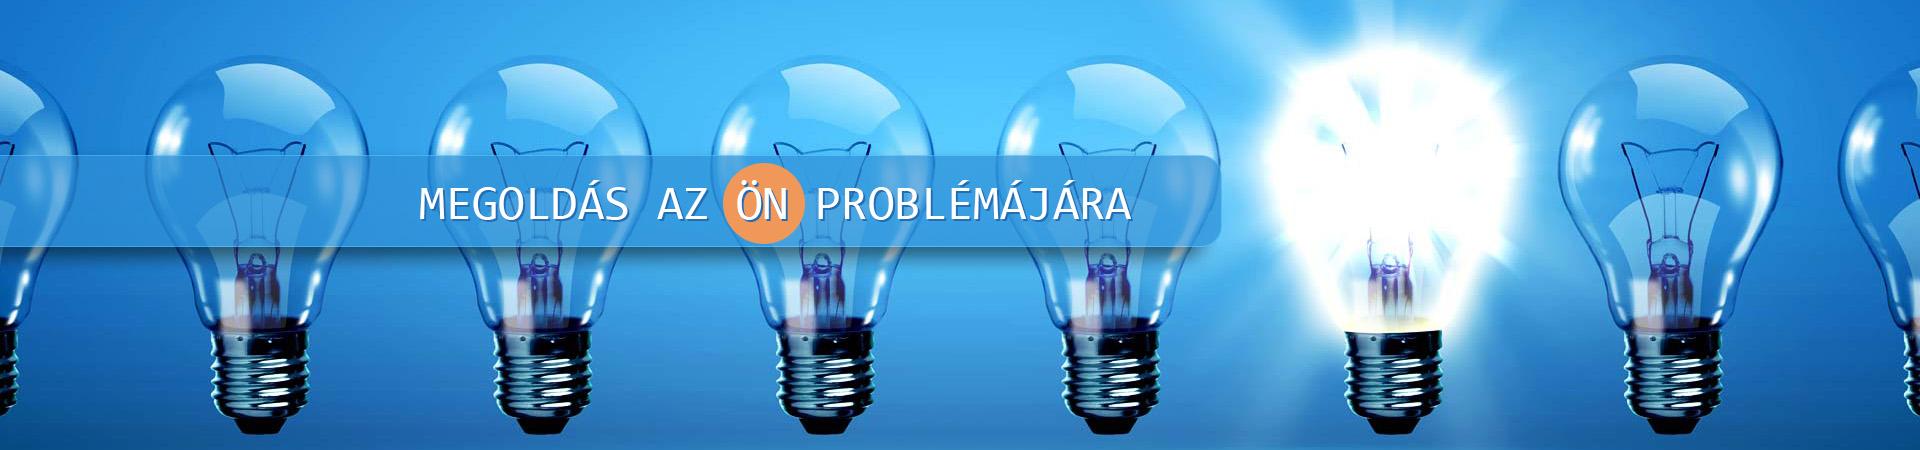 Honlapkészítés, keresőoptimalizálás, weboldal készítés, webáriház készítés - Honlapkészítés, weboldal készítés megoldások